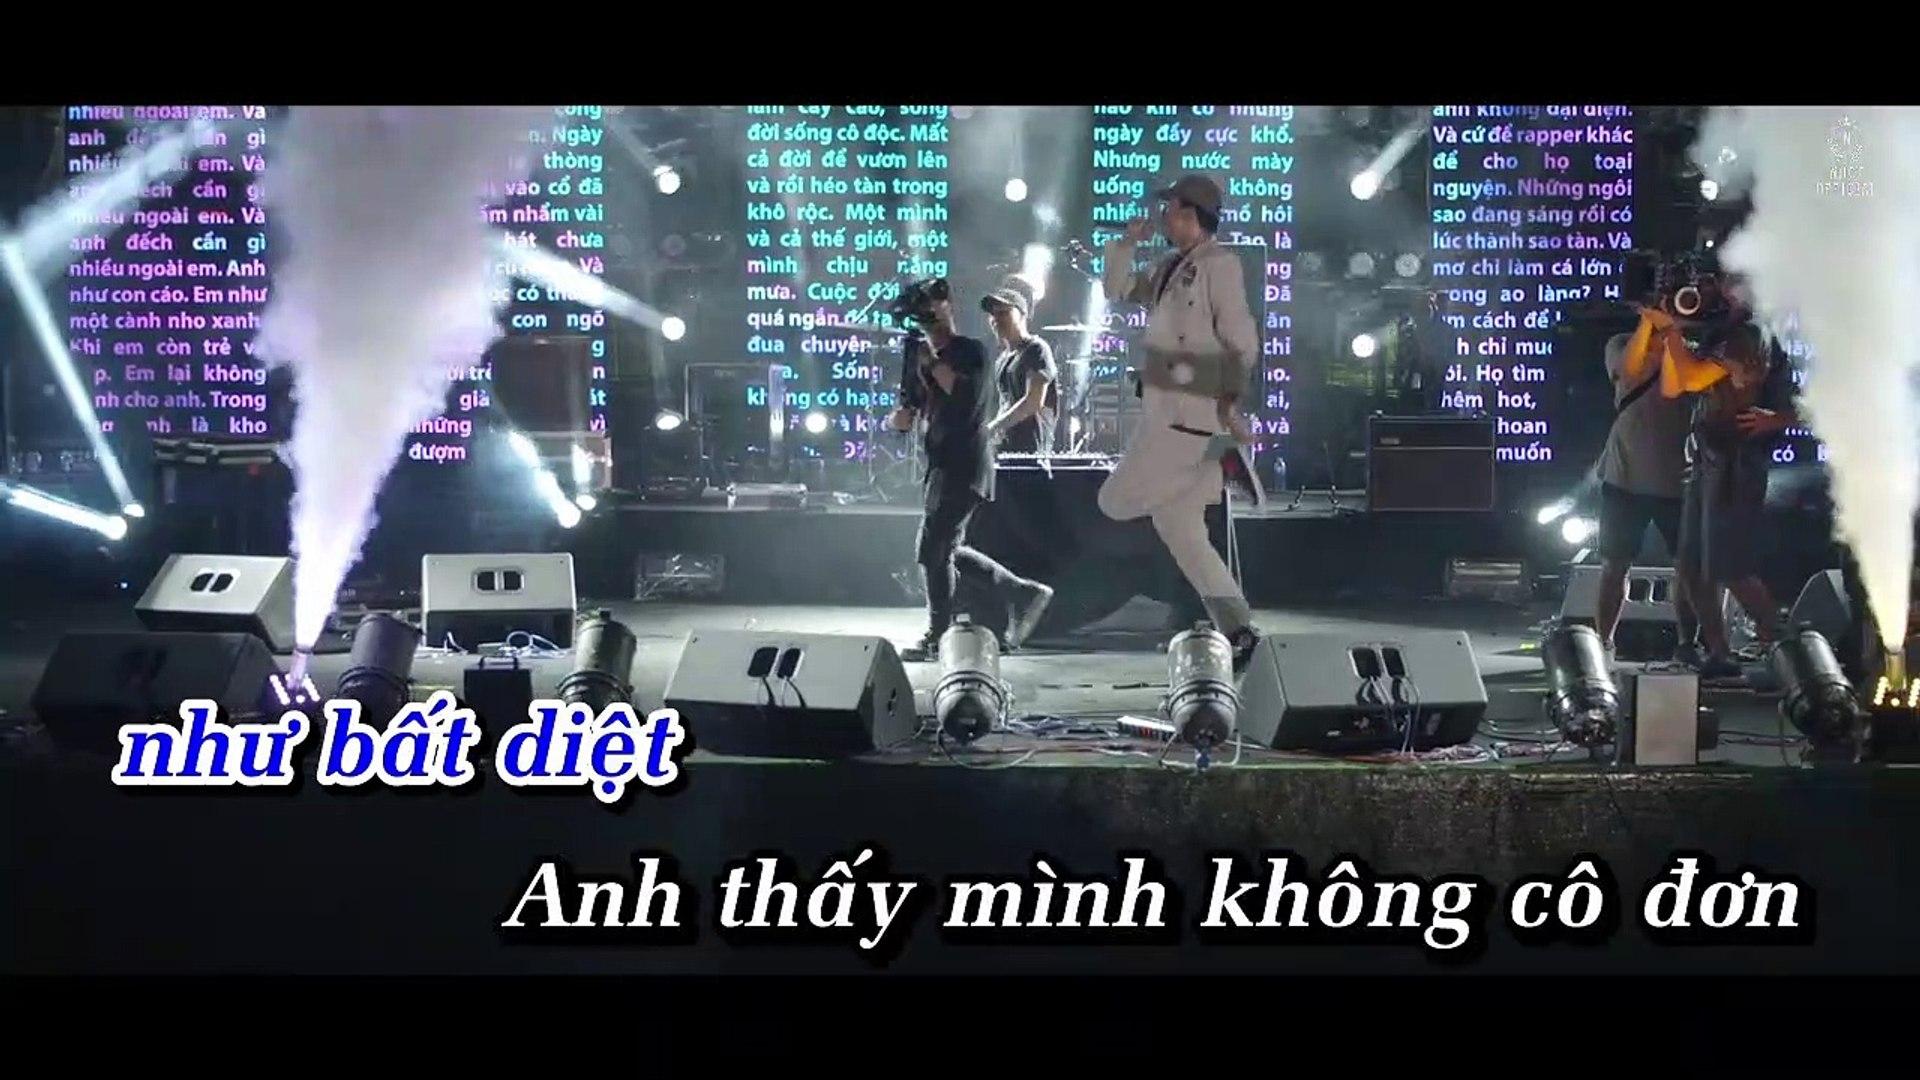 [Karaoke] Bài Này Chill Phết - Đen Ft. Min [Beat]